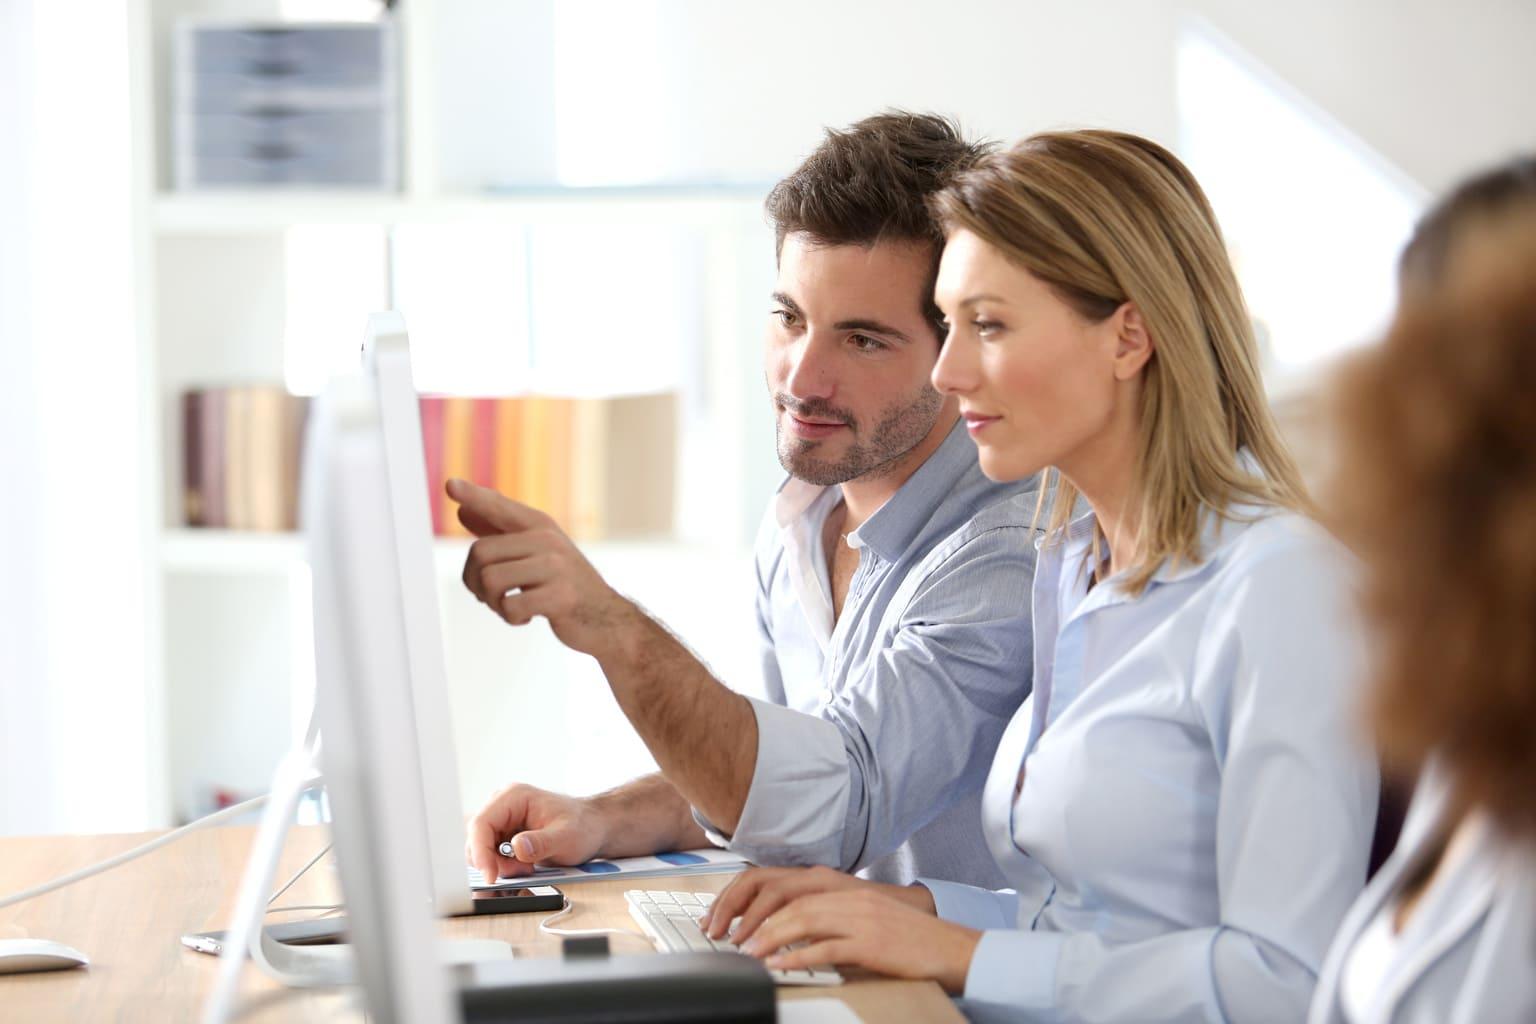 Boekhouders werken met functie kolommenbalans tijdens mkb boekhouding software